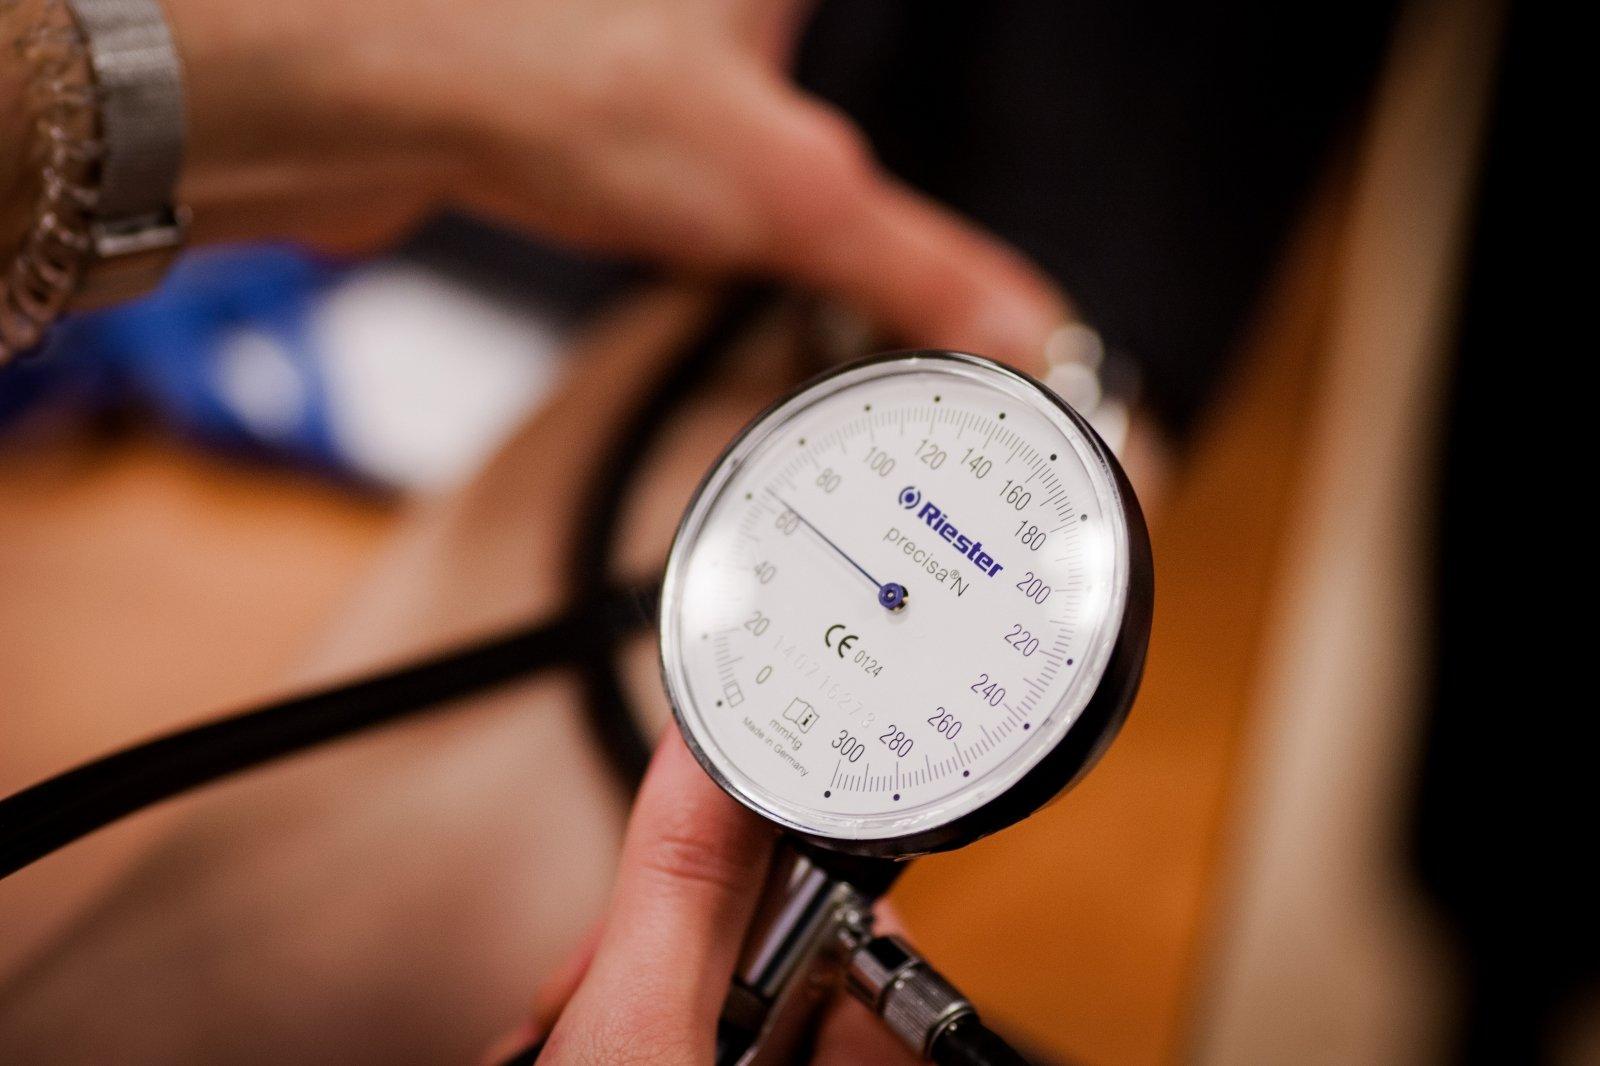 kardiologai džiaugiasi šia hipertenzija gydoma akimirksniu žiūrėti hipertenziją